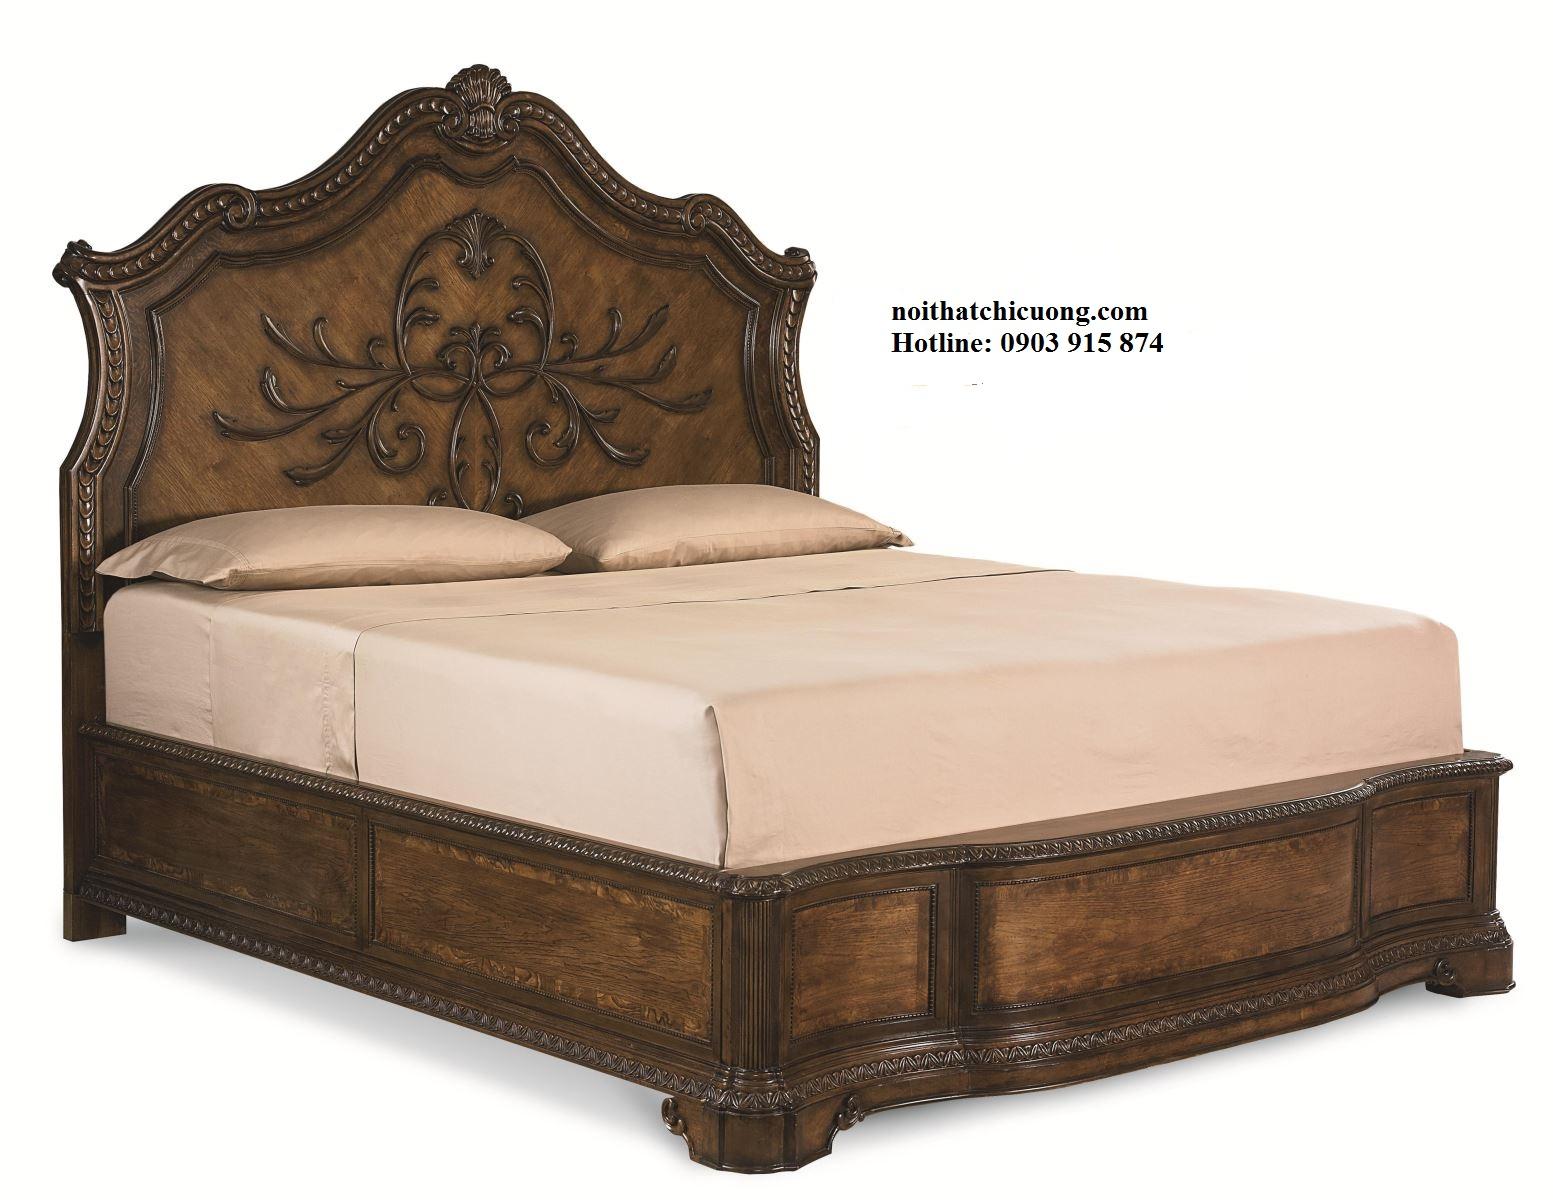 Nội Thất Phòng Ngủ - Giường Ngủ - 148